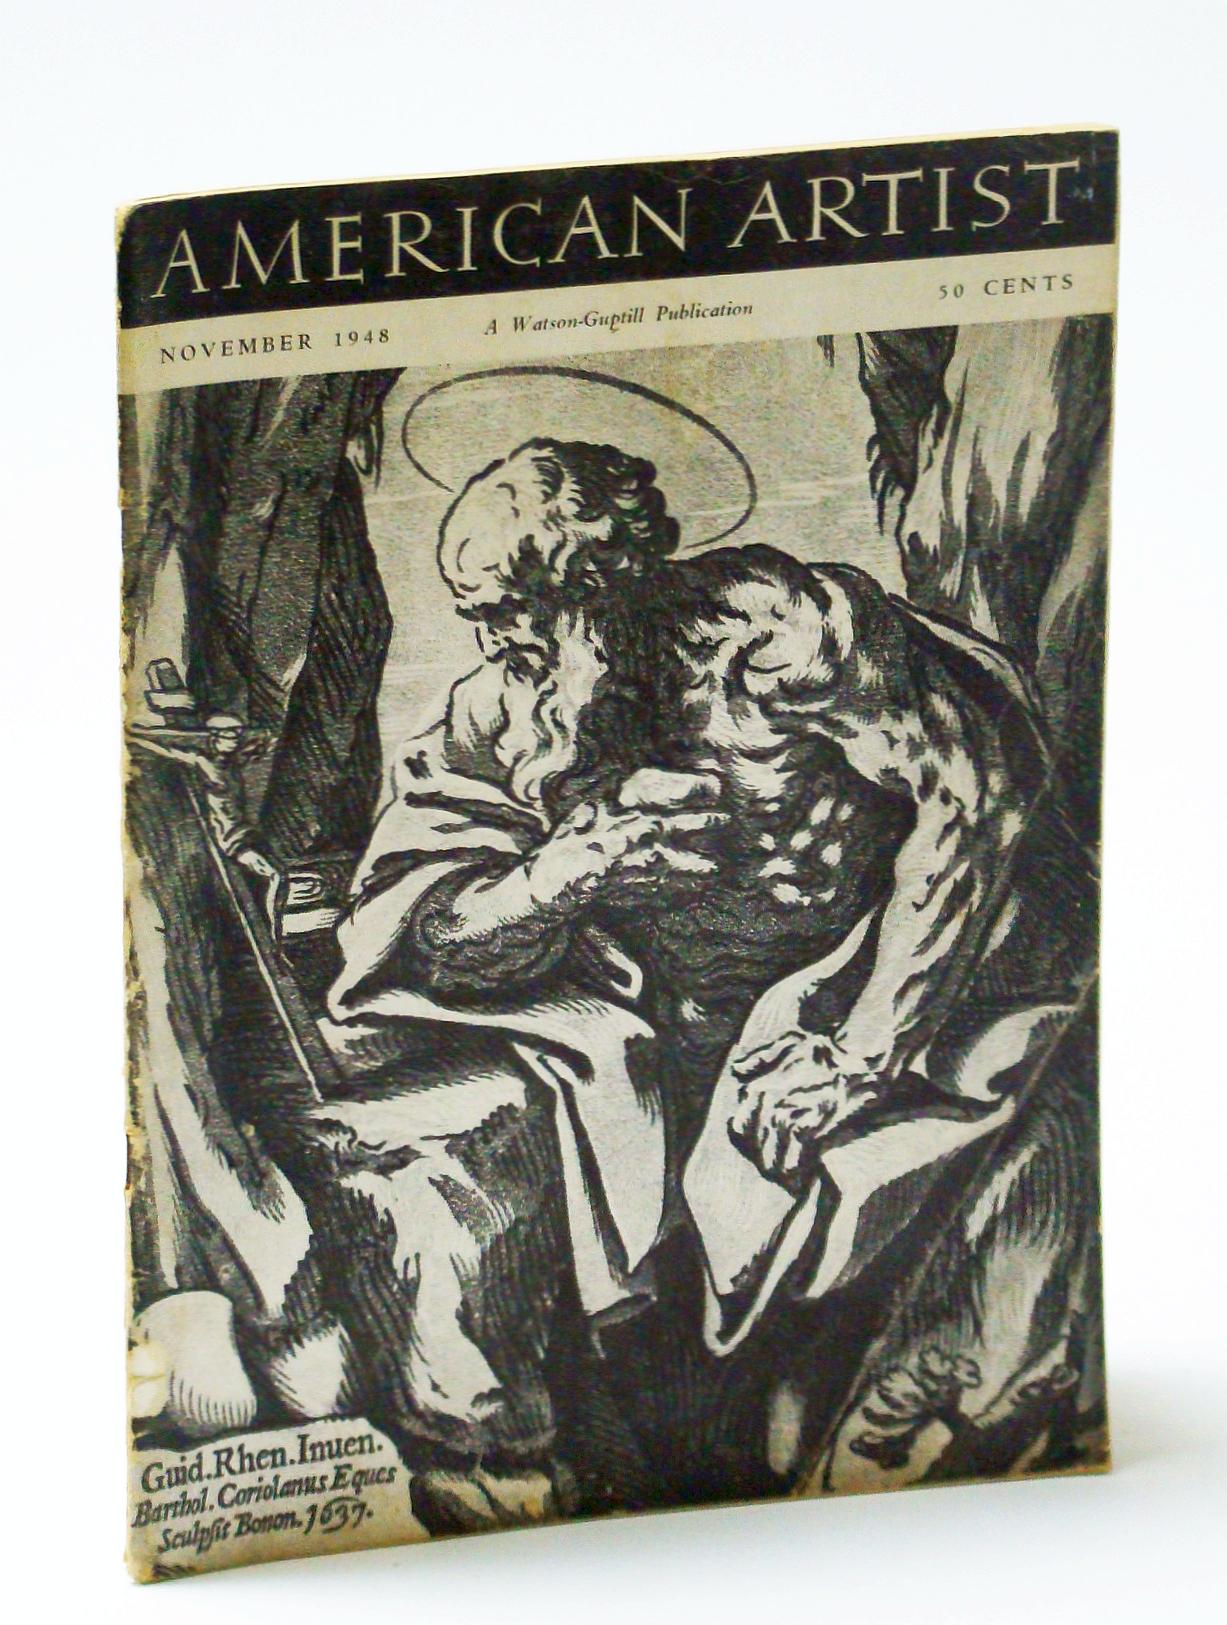 American Artist Magazine, November (Nov.) 48 -: Verk, Stefen; Pousette-Dart,